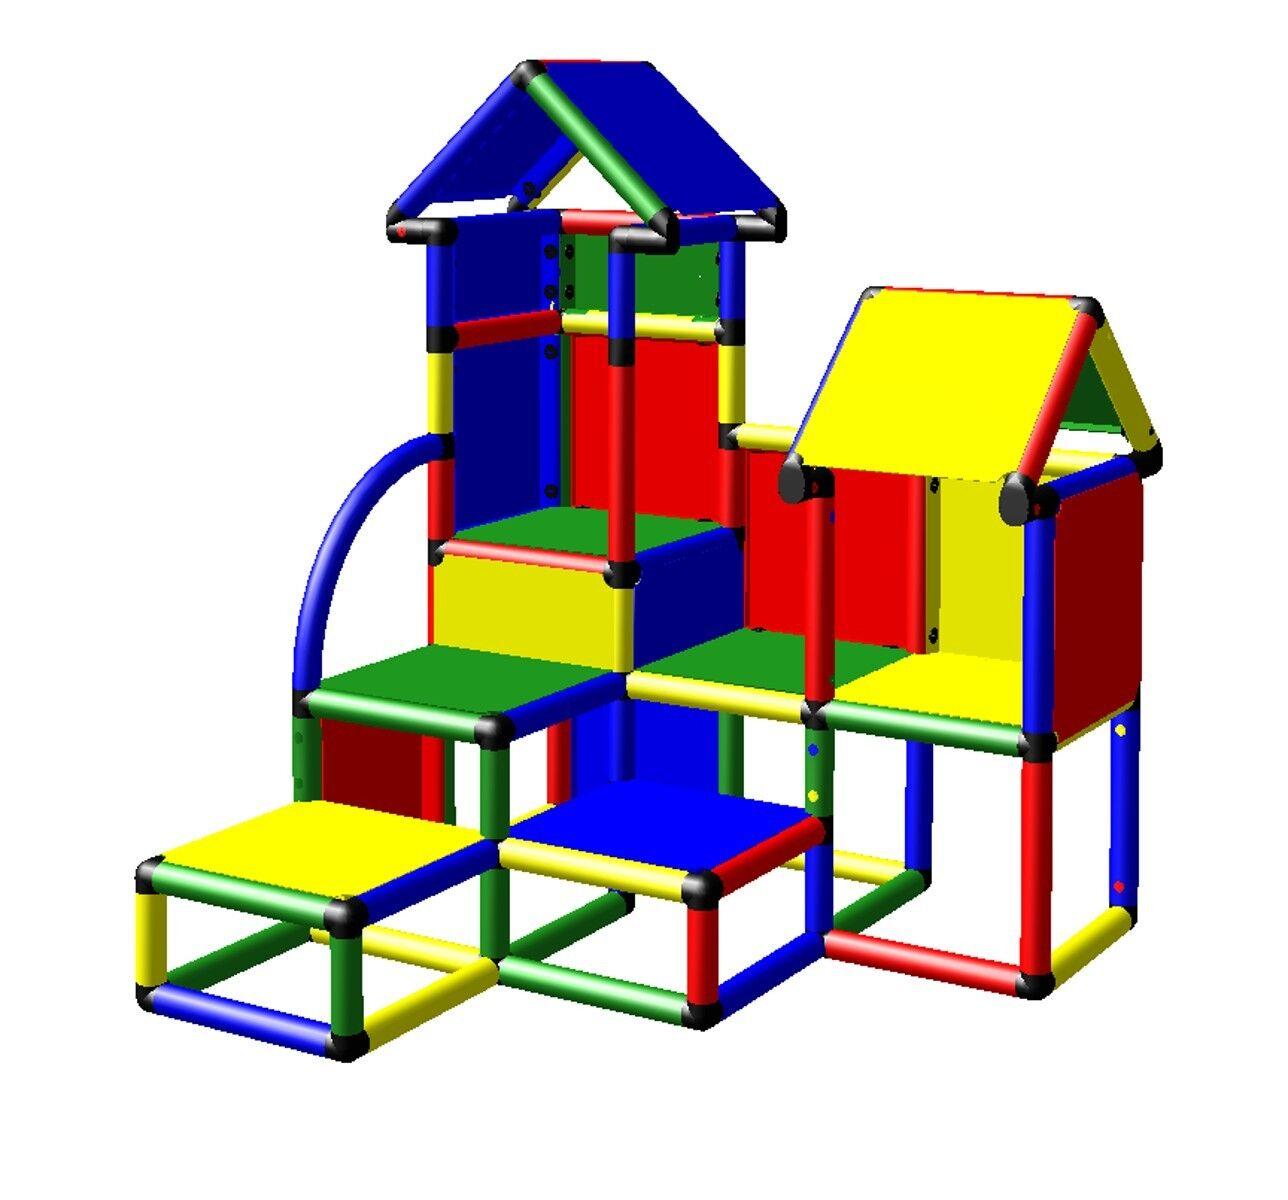 moveandstic baukasten david kletterturm spielhaus spielturm kletterger st indoor eur 304 49. Black Bedroom Furniture Sets. Home Design Ideas